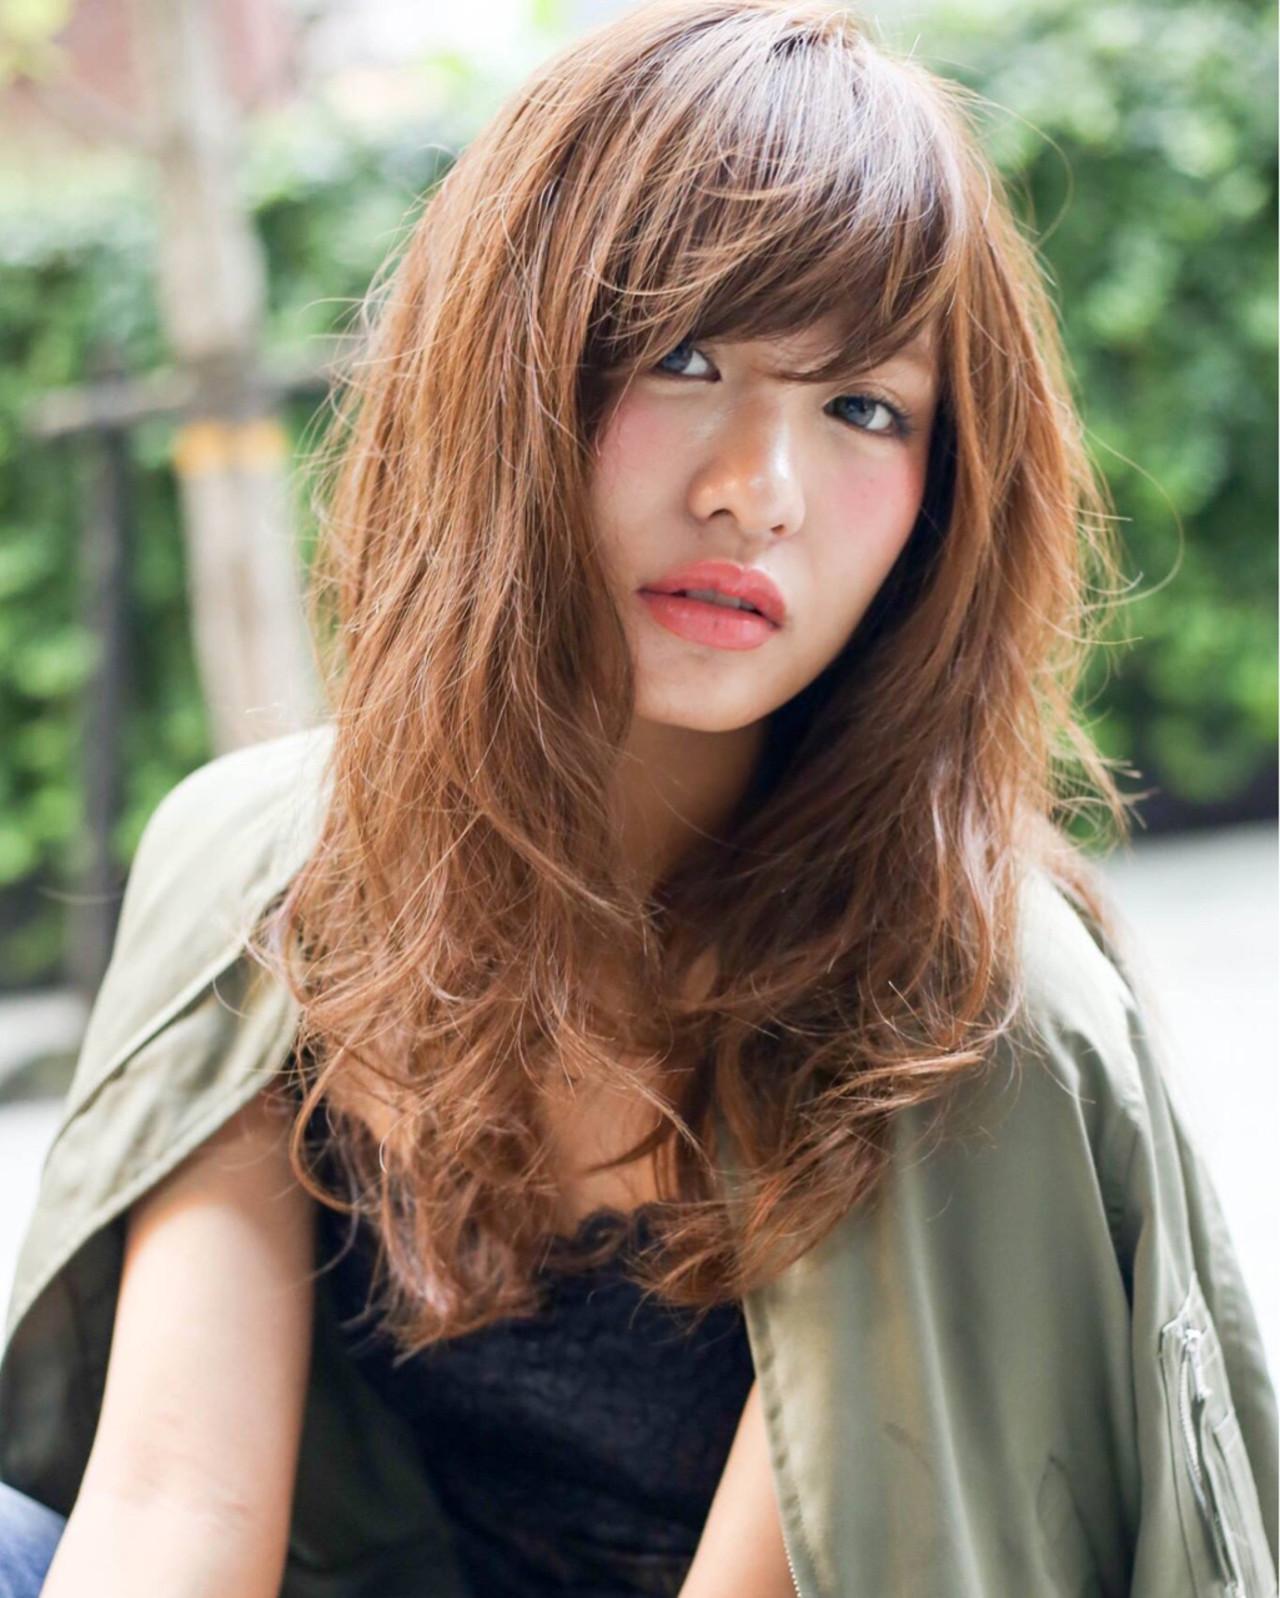 モテ髪 ナチュラル ストリート アッシュ ヘアスタイルや髪型の写真・画像 | 梅澤勇人 / DAMIA by LuLu